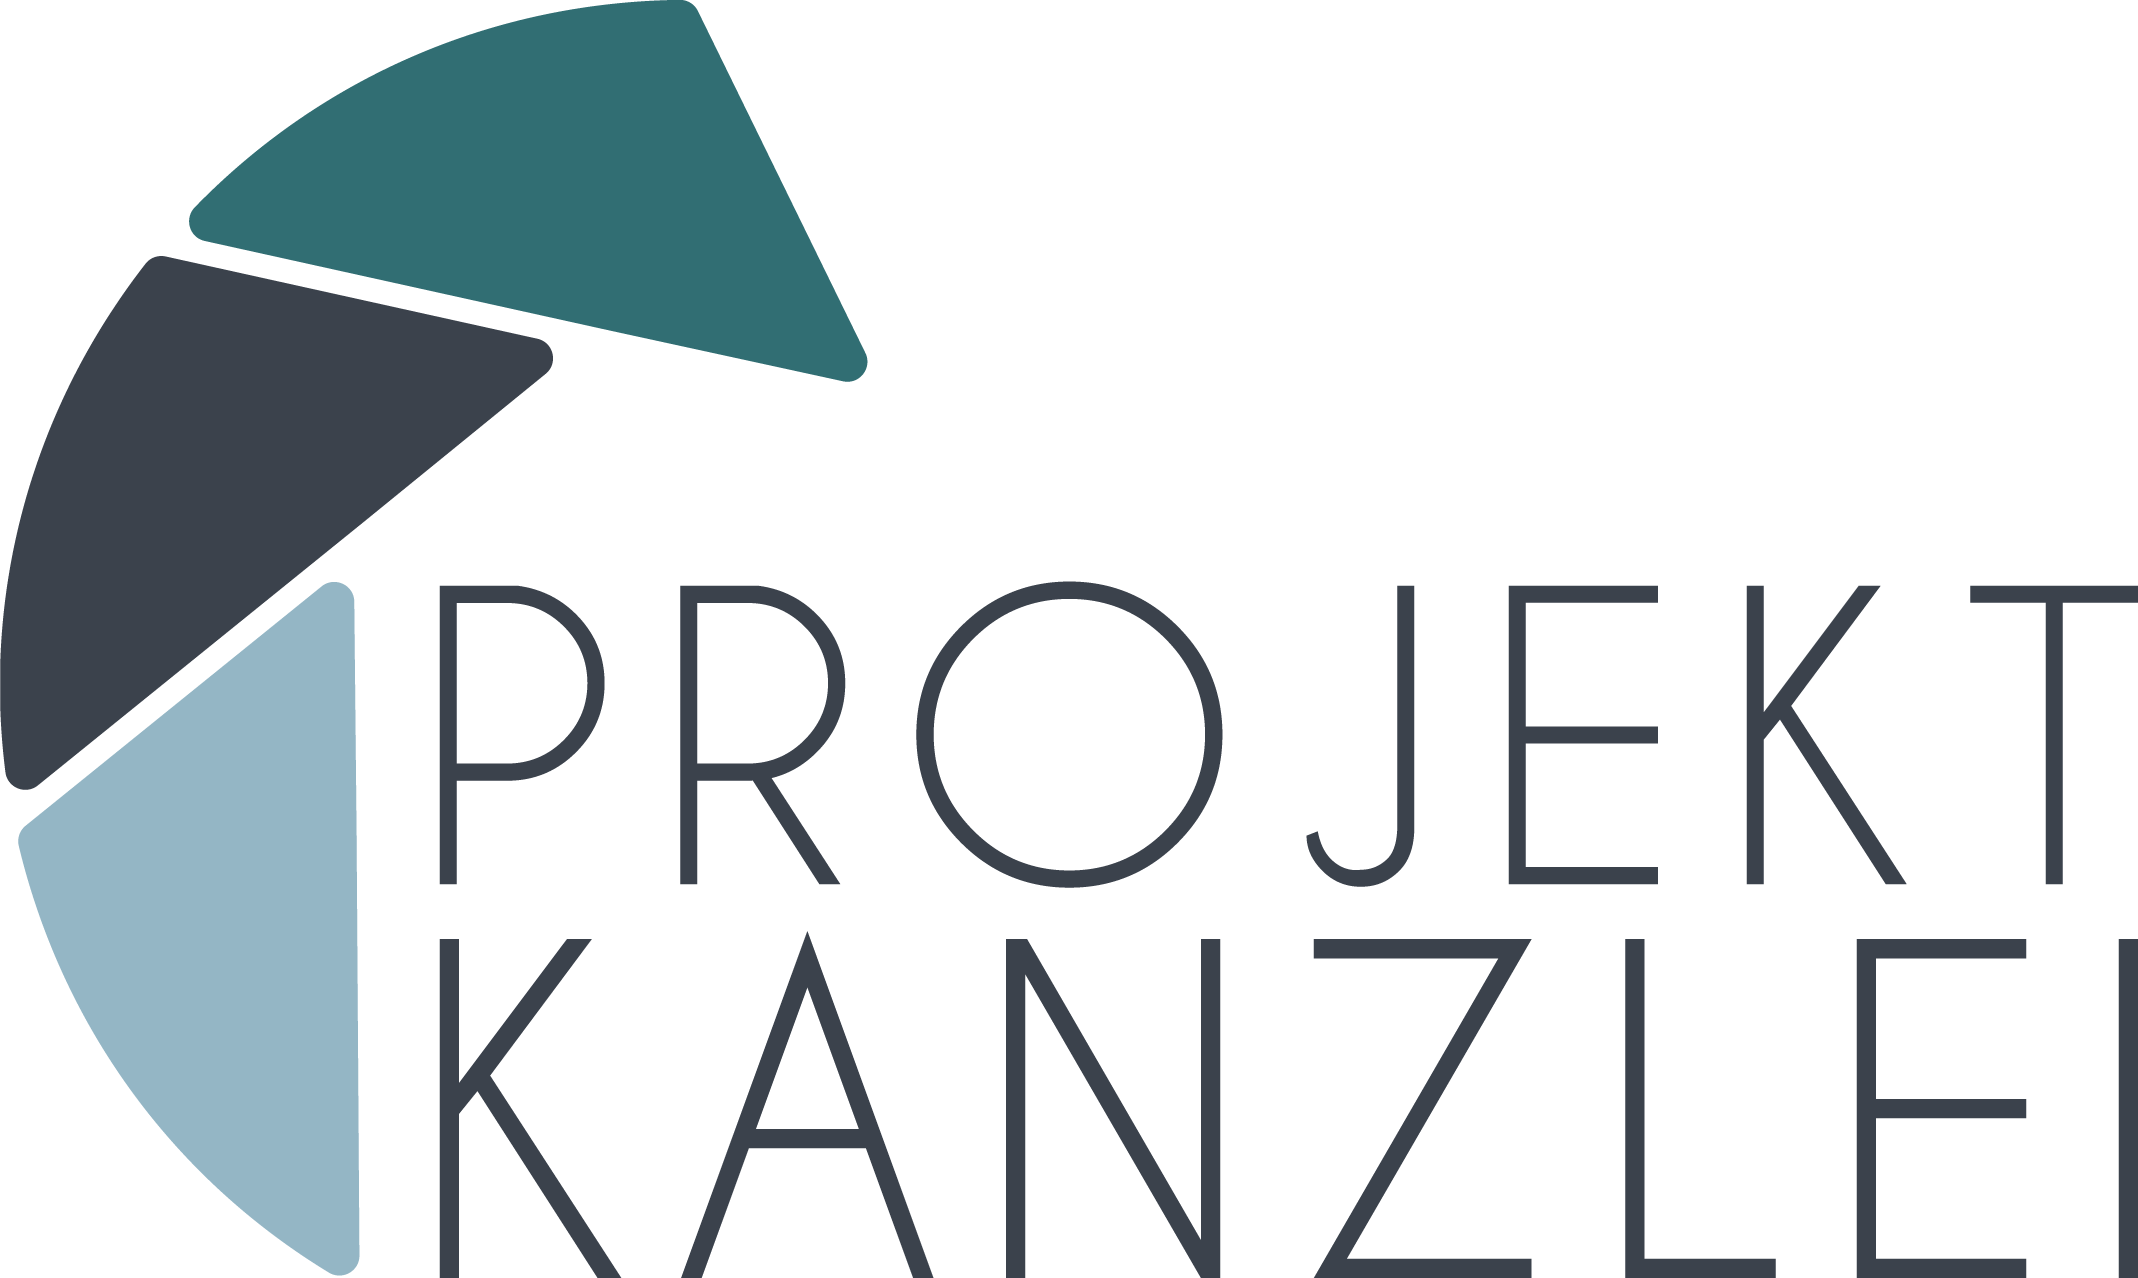 PROJEKTKANZLEI Rechtsanwalt Kay Böhme